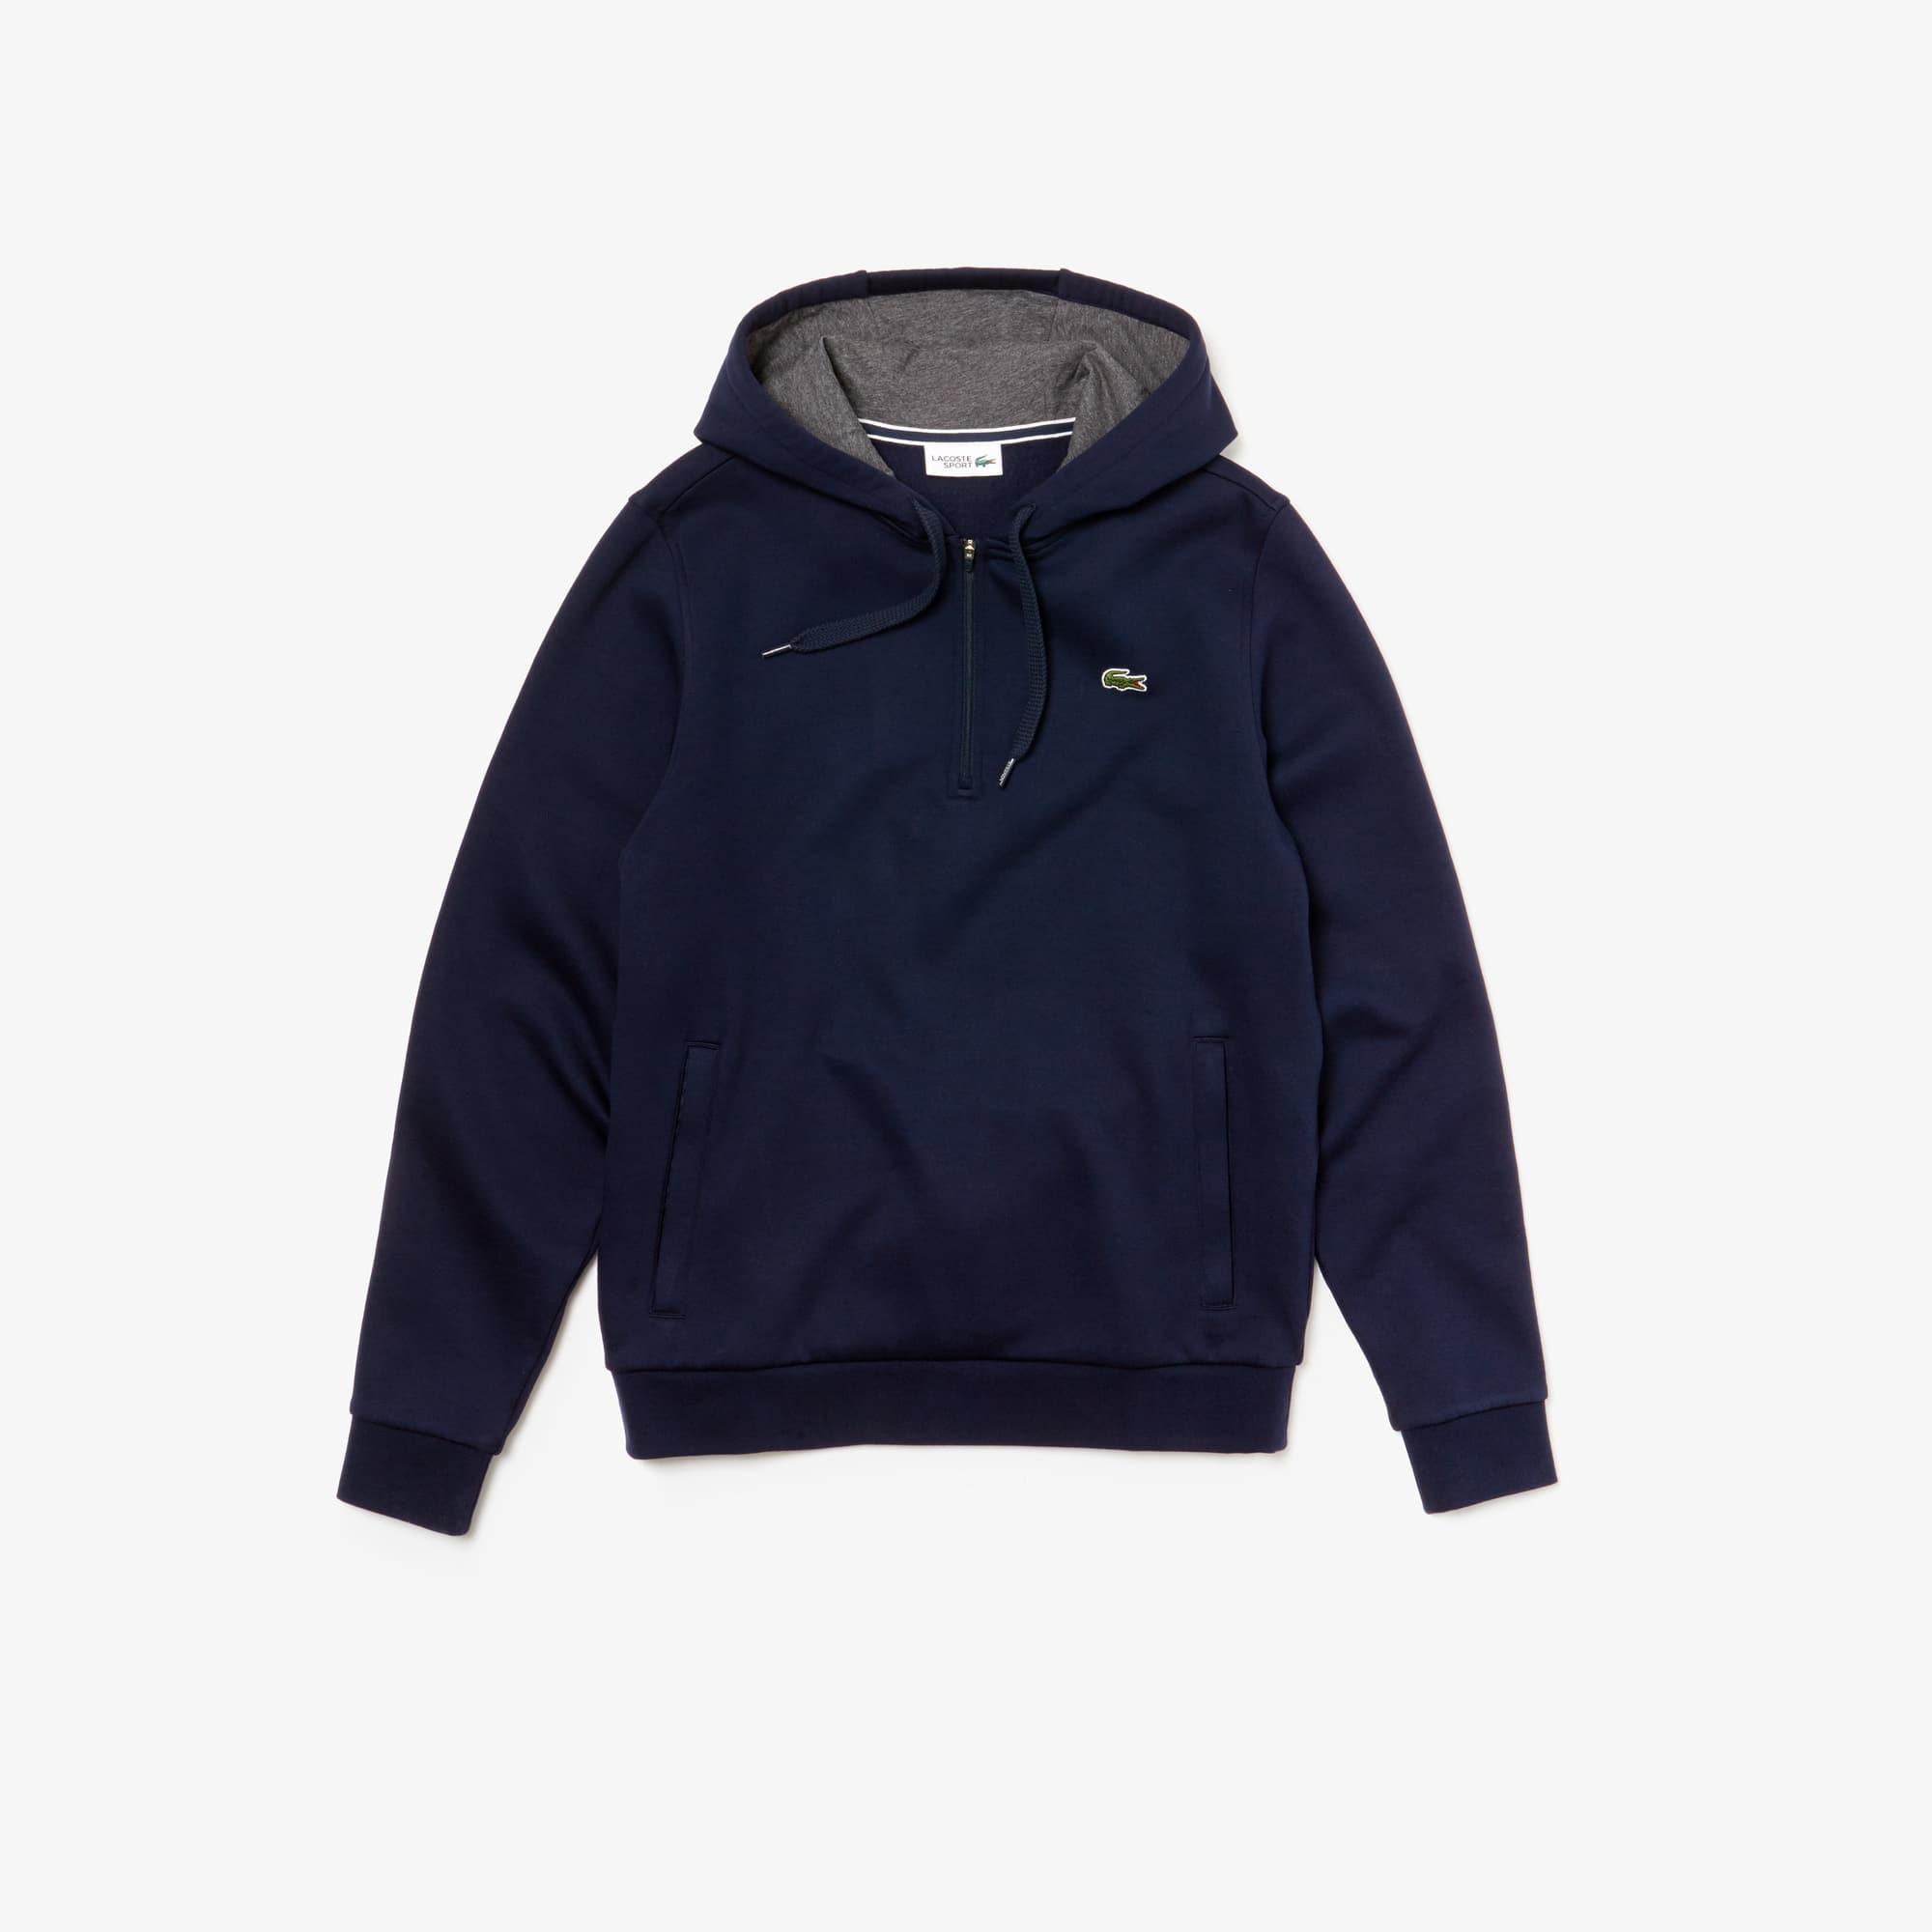 1d9c94f9c5d3 Men s Sweatshirts